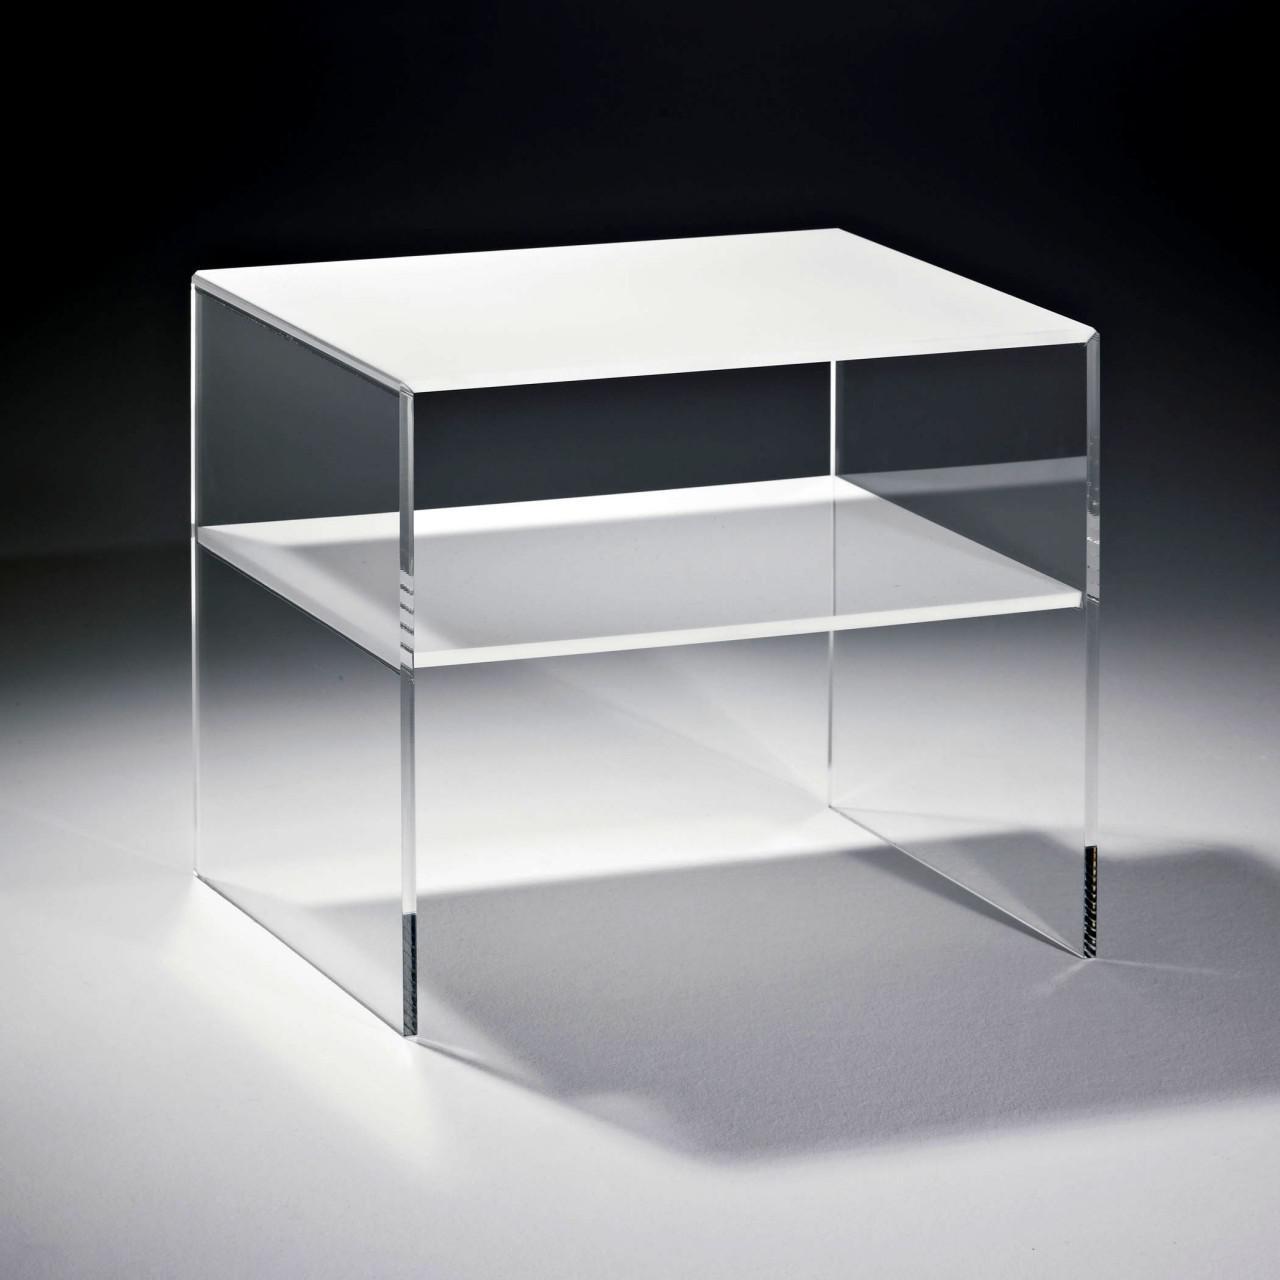 Gewaltig Glasbeistelltisch Das Beste Von Hochwertiger Acryl-glas Beistelltisch Mit 1 Fach, Tischplatte